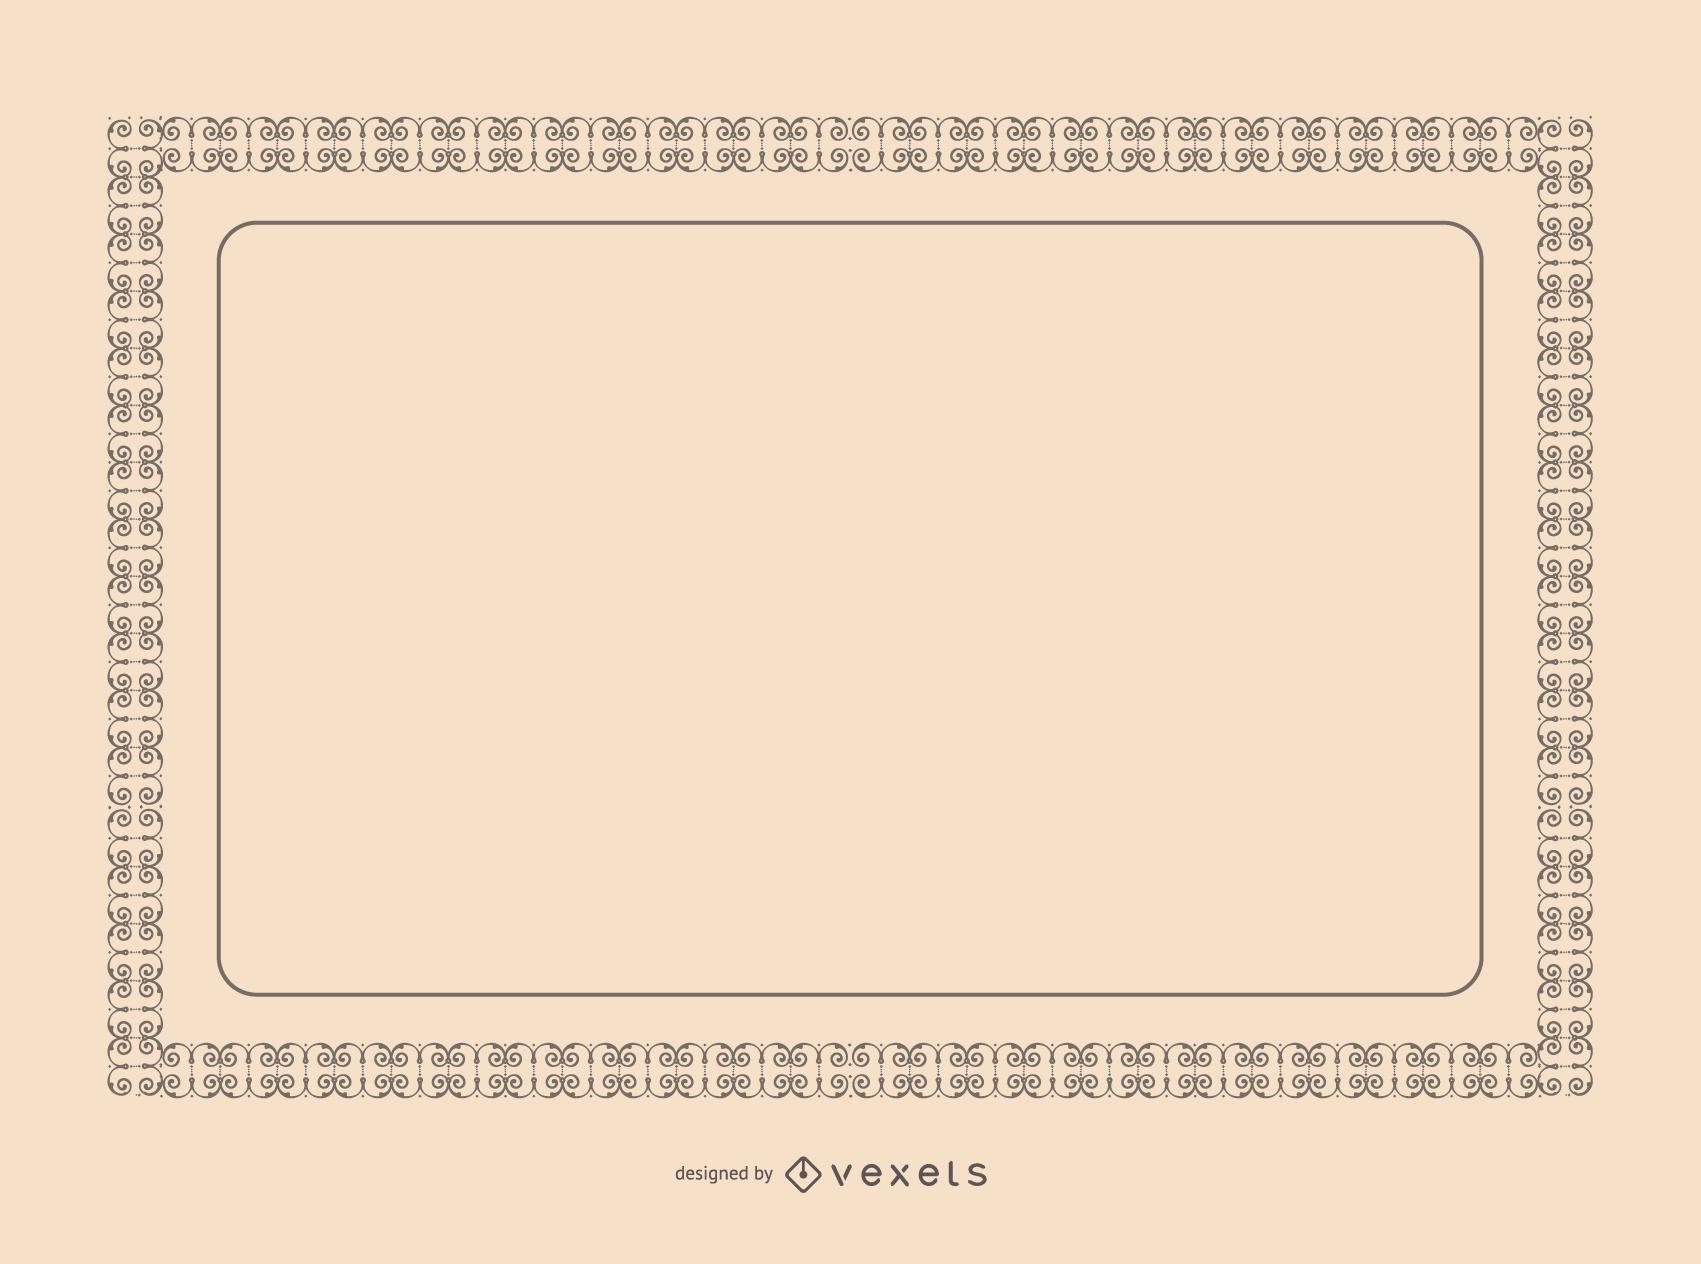 Certificate Border Vector - Vector download